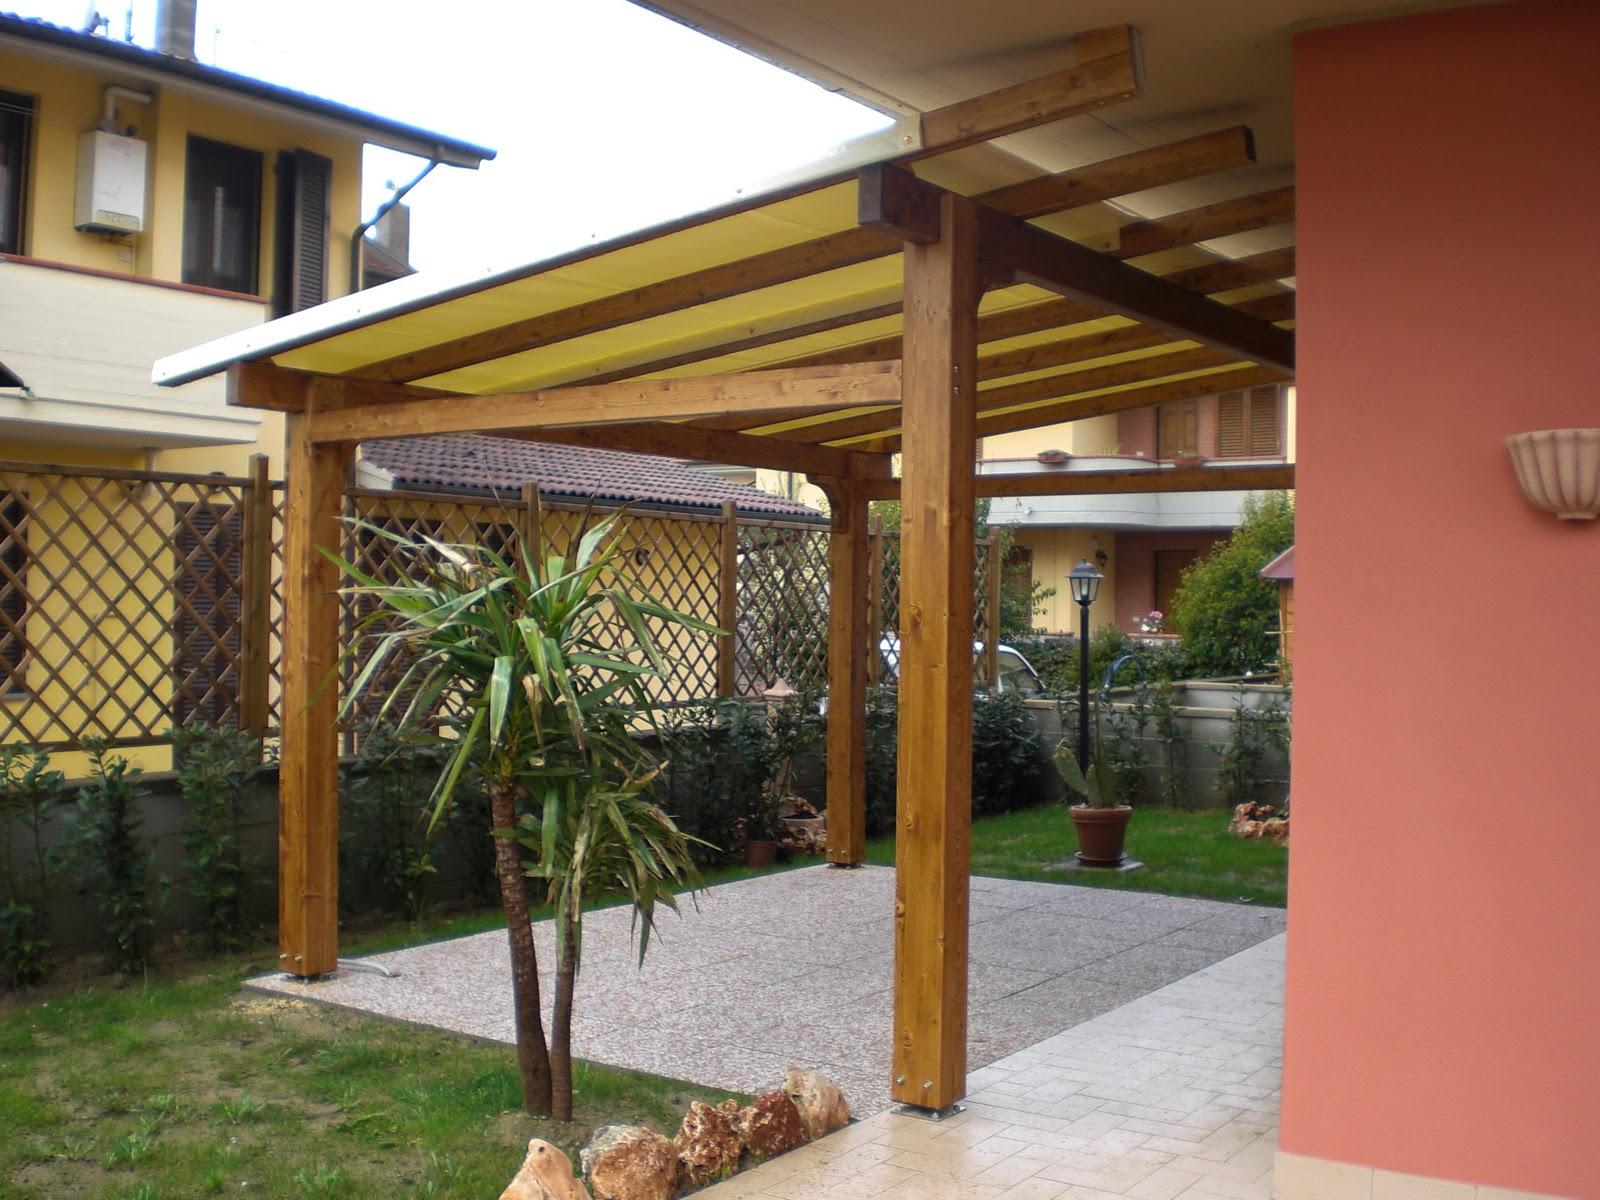 Montagnani paolo s r l strutture in legno gazebo staccato - Gazebo per terrazza ...